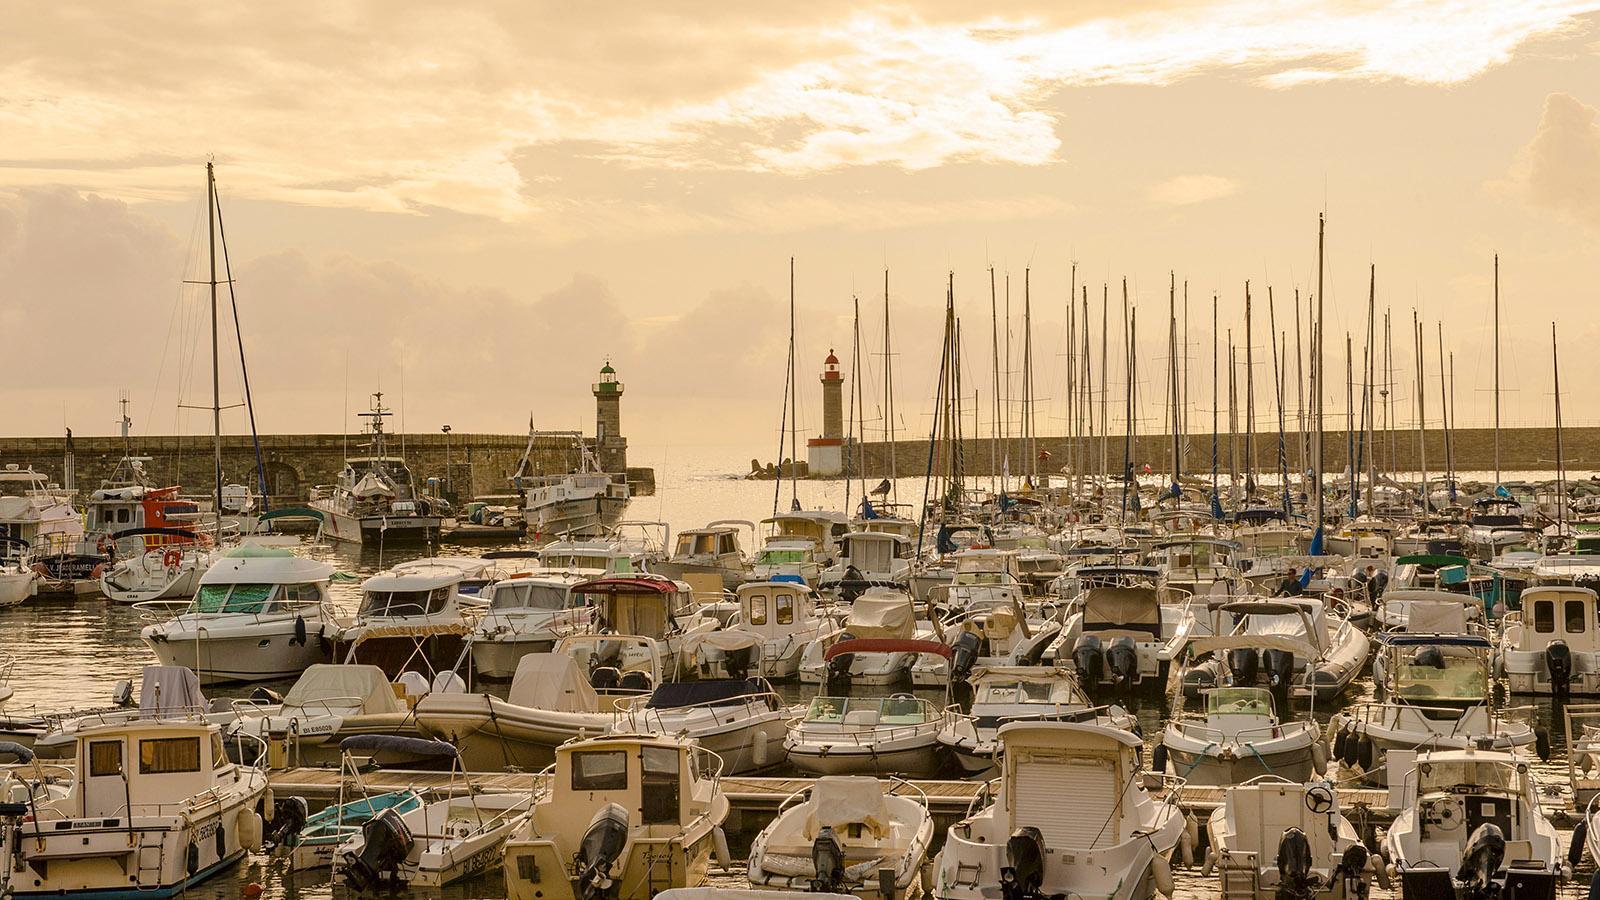 Bastia: Dicht belegt im Sommer - der Hafen der Sportbotte im Vieux-Port. Foto: Hilke Maunder